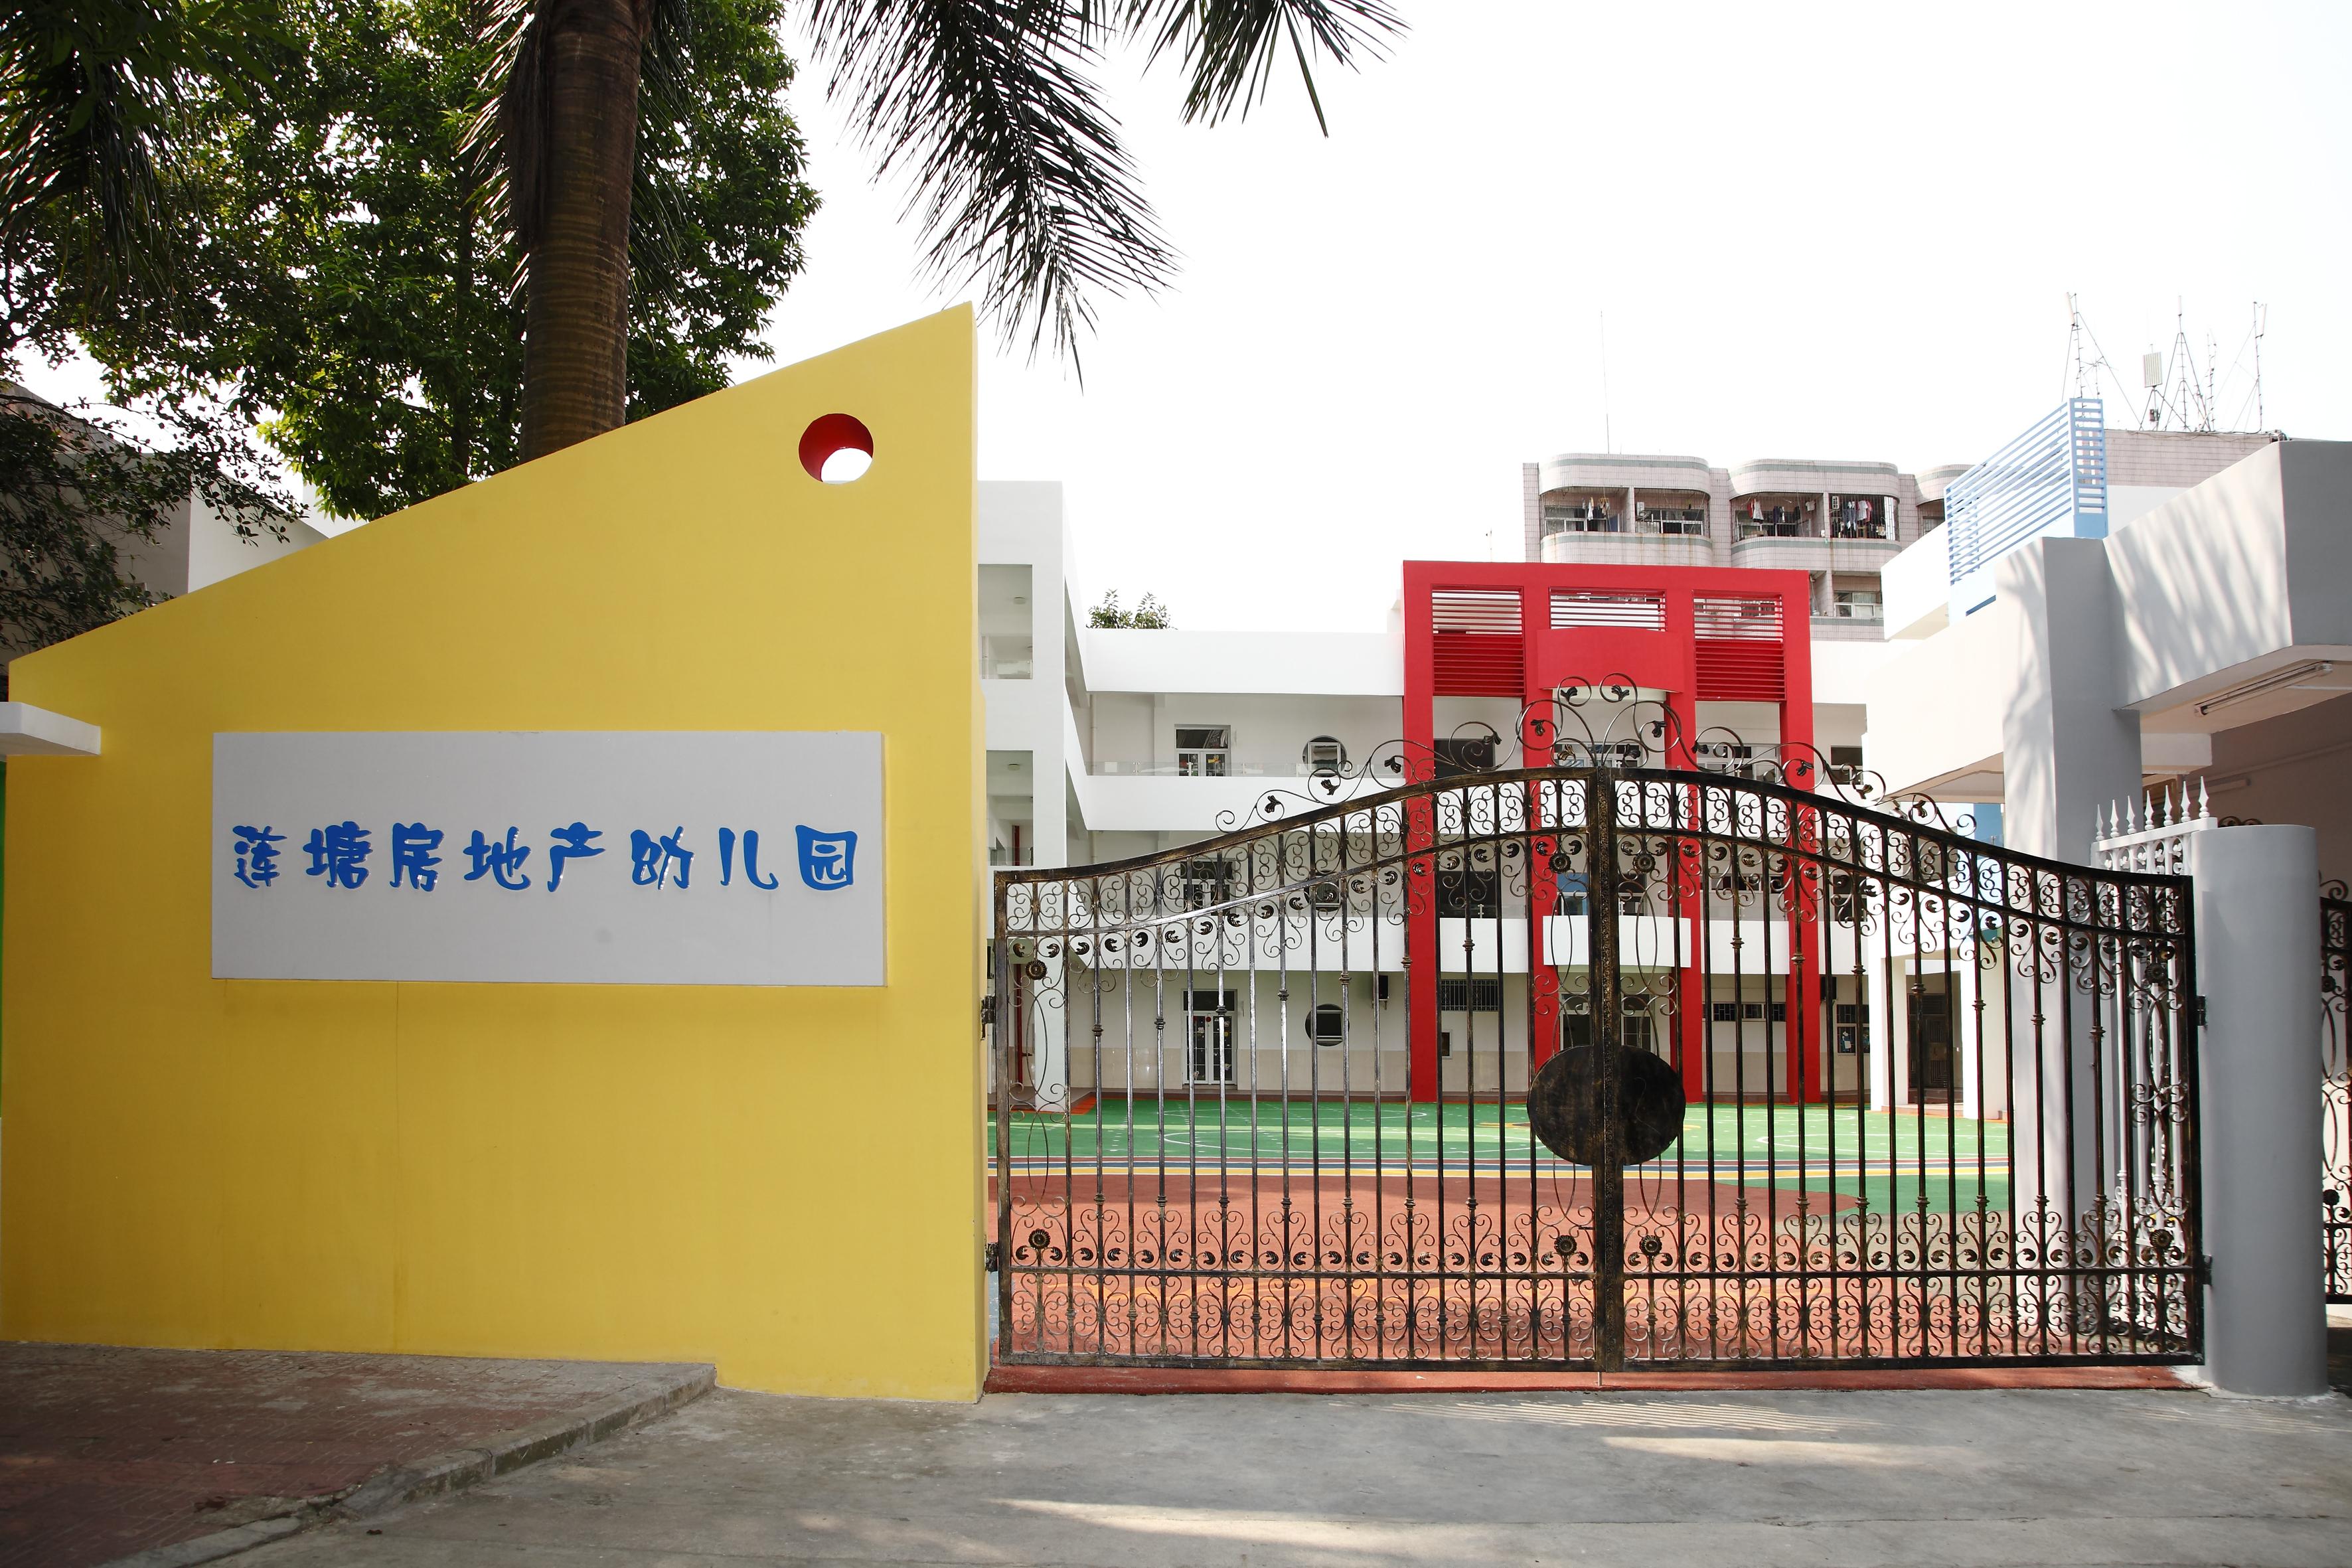 【无锡】莲塘房地产幼儿园